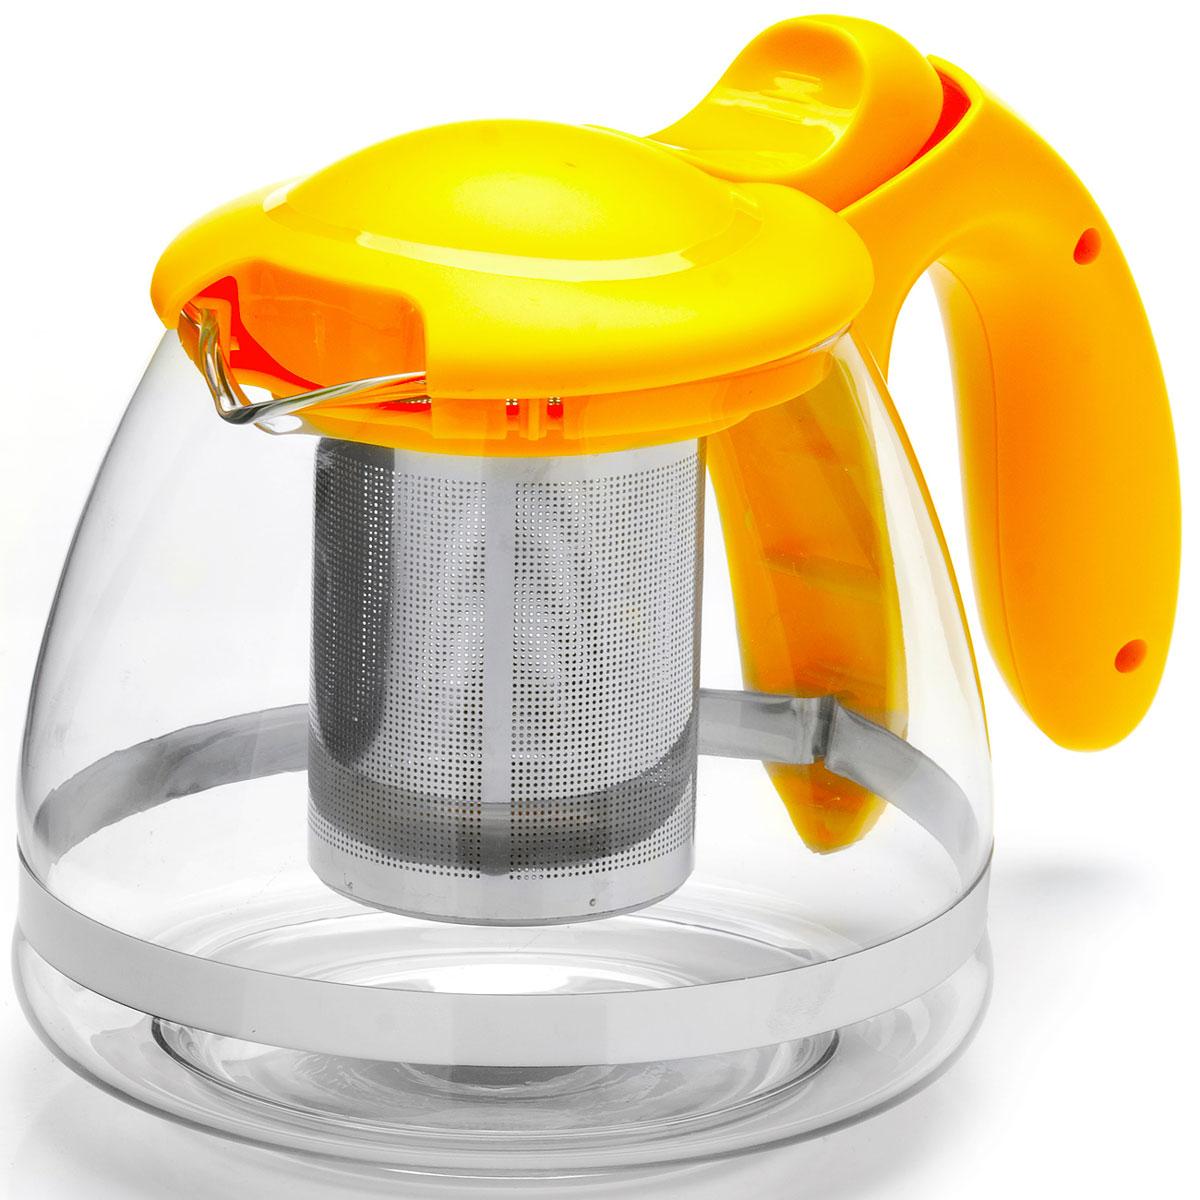 Чайник заварочный Mayer & Boch, с фильтром, цвет: желтый, прозрачный, 1,2 л. 26172-226172-2Заварочный чайник Mayer & Boch изготовлен из термостойкого боросиликатного стекла, крышка и фильтр выполнены из нержавеющей стали. Изделия из стекла не впитывают запахи, благодаря чему вы всегда получите натуральный, насыщенный вкус и аромат напитков. Заварочный чайник из стекла удобно использовать для повседневного заваривания чая практически любого сорта. Но цветочные, фруктовые, красные и желтые сорта чая лучше других раскрывают свой вкус и аромат при заваривании именно в стеклянных чайниках, а также сохраняют все полезные ферменты и витамины, содержащиеся в чайных листах. Стальной фильтр гарантирует прозрачность и чистоту напитка от чайных листьев, при этом сохранив букет и насыщенность чая. Прозрачные стенки чайника дают возможность насладиться насыщенным цветом заваренного чая. Изящный заварочный чайник Mayer & Boch будет прекрасно смотреться в любом интерьере. Подходит для мытья в посудомоечной машине.